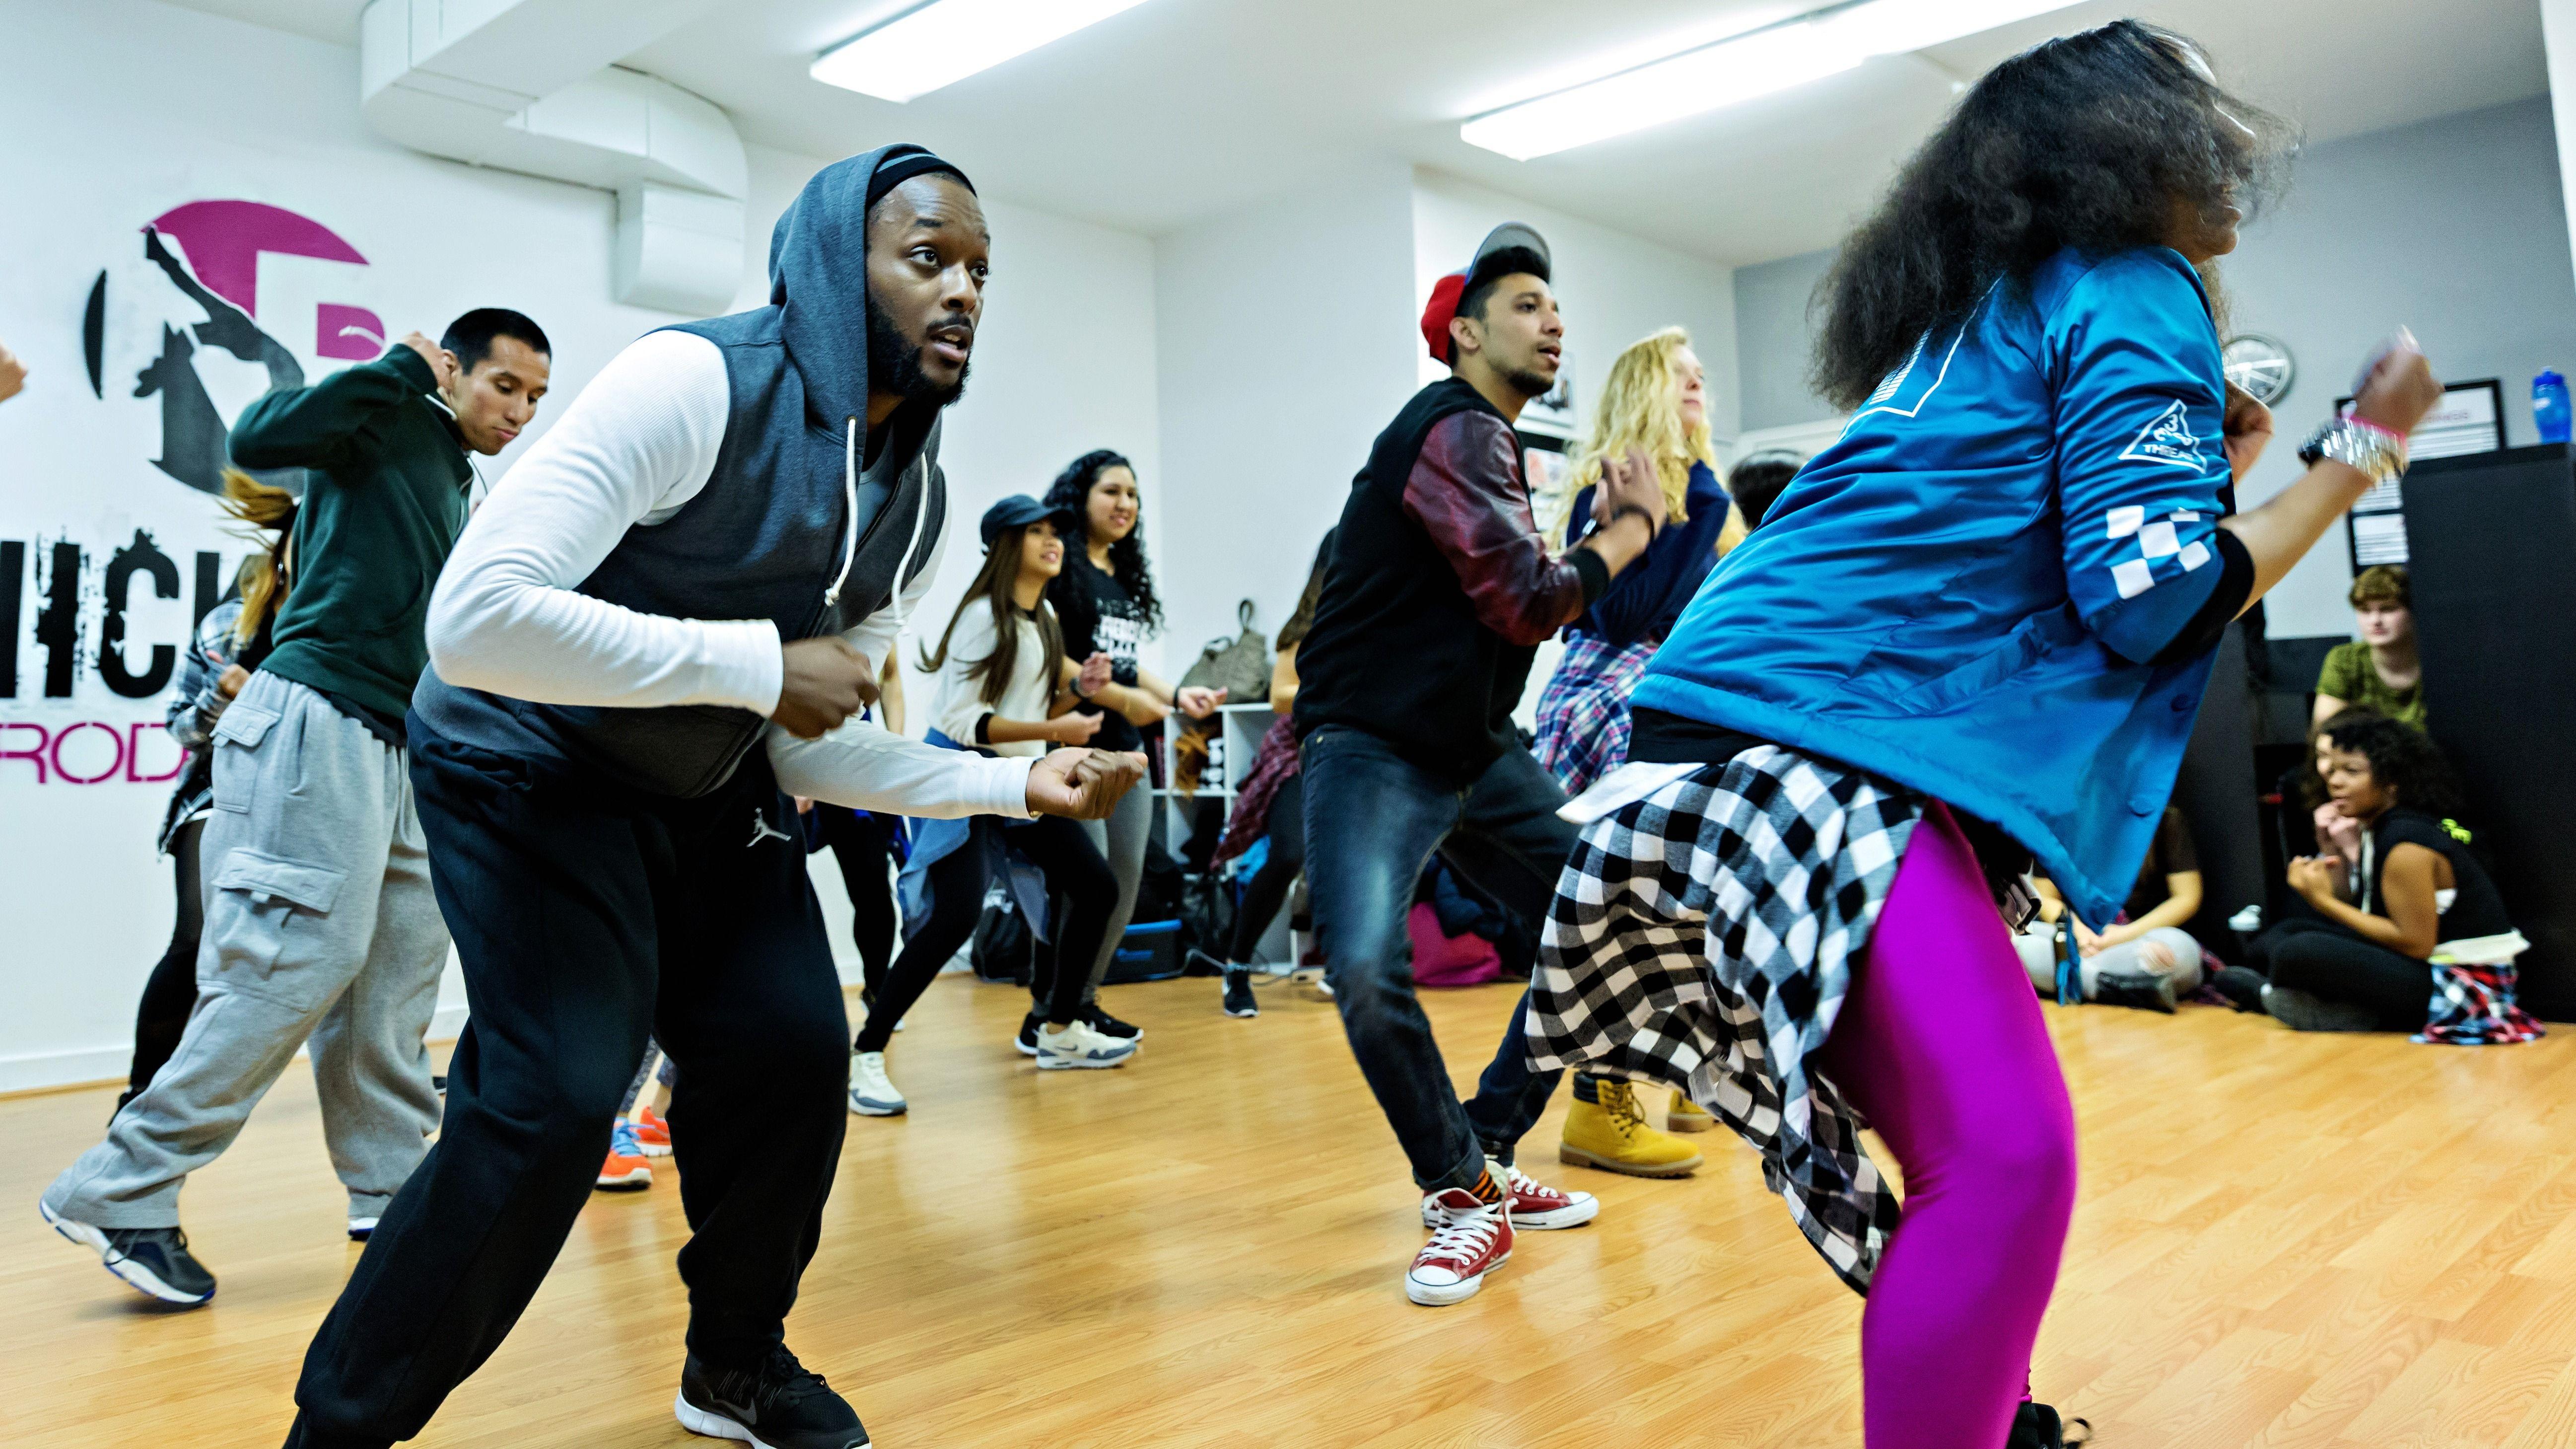 DMV Hip Hop Dance Class Meetup